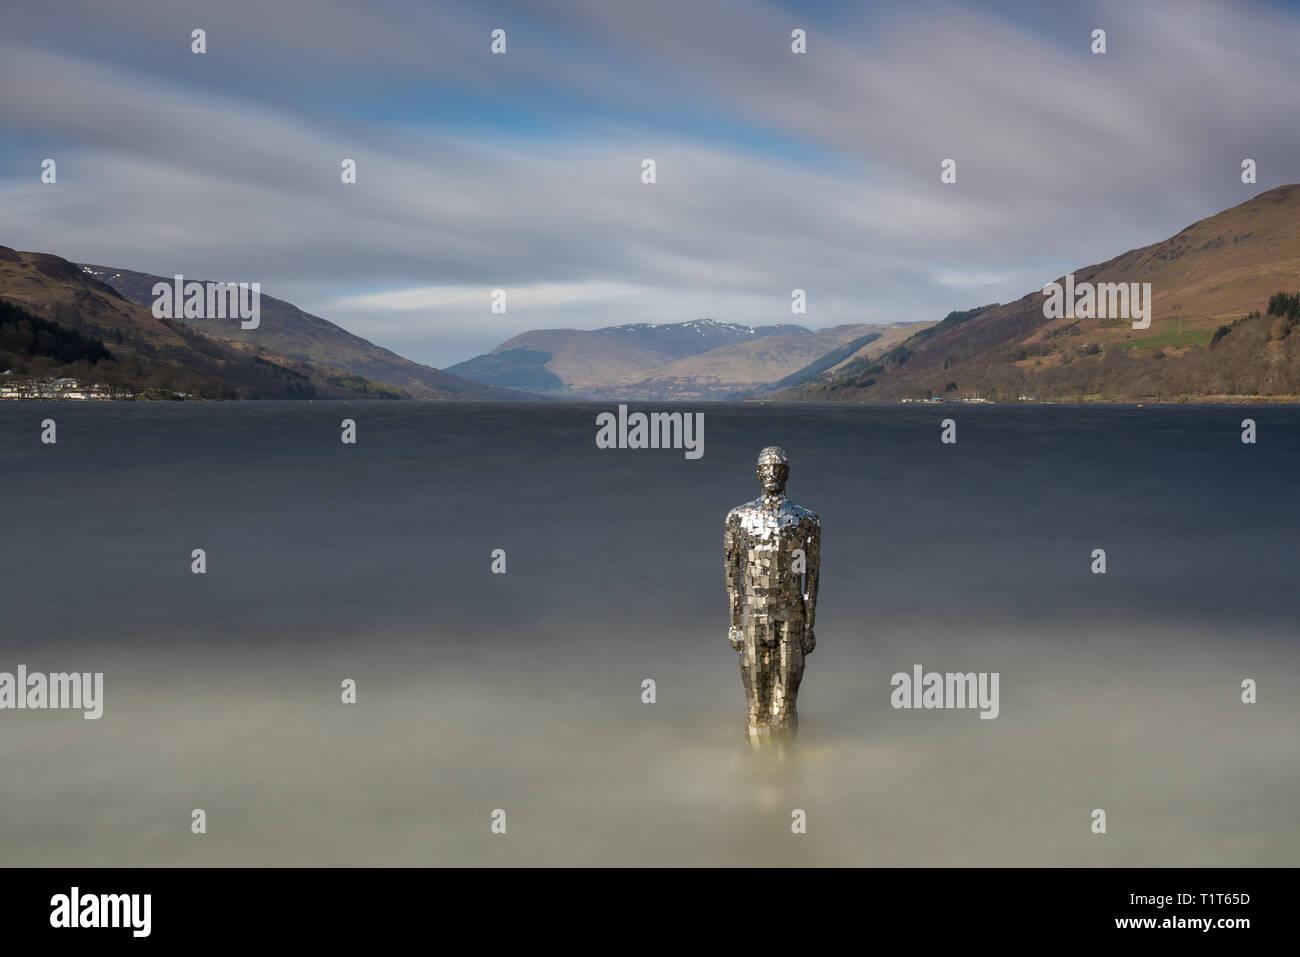 Die berühmten Mann Skulptur, die im Loch Earn, Perth und Kinross, Schottland sitzt Stockbild